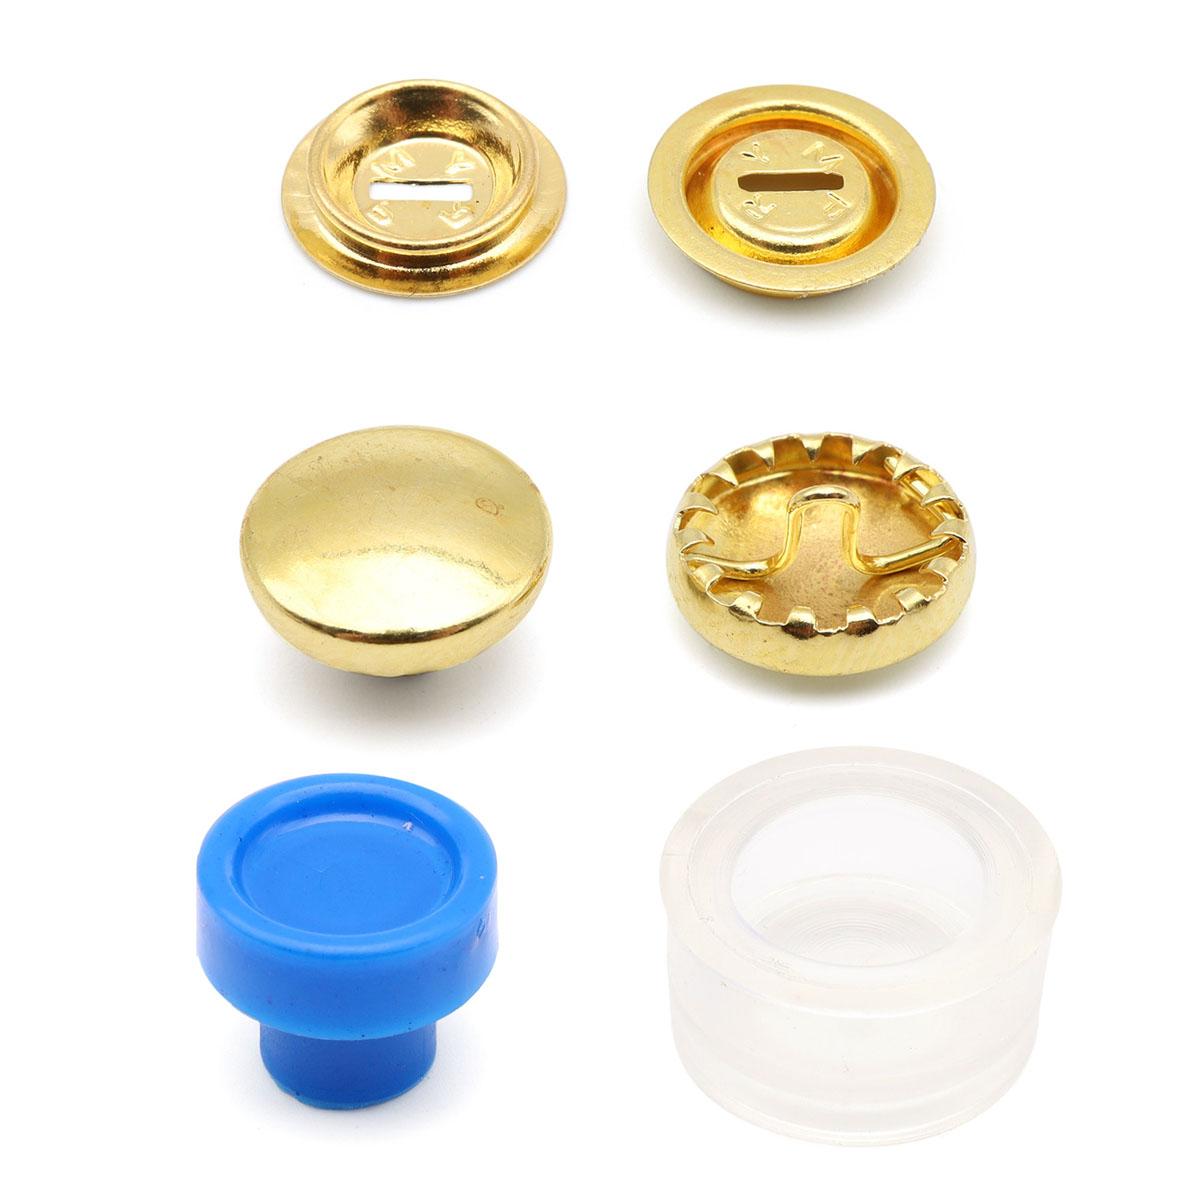 323214 Пуговицы для обтягивания тканью с инстр., 11 мм, упак./7 шт., Prym